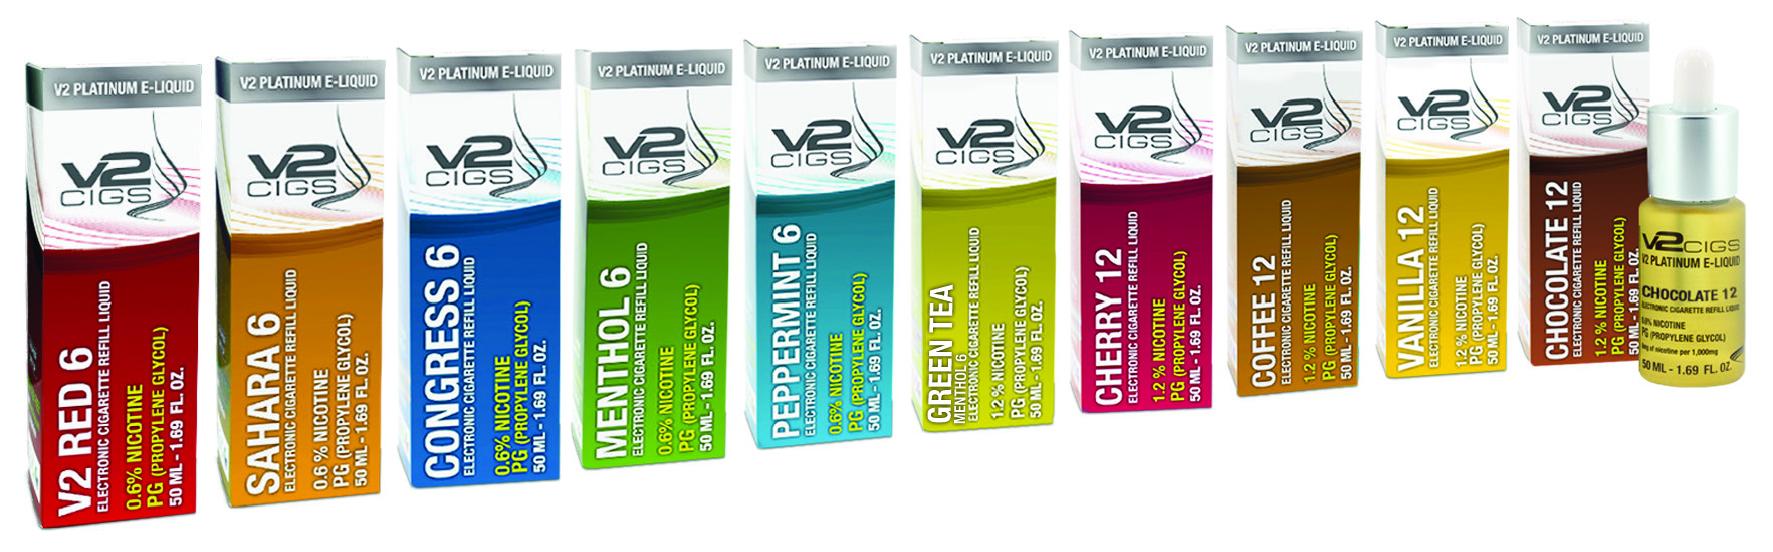 V2 Range of E-Liquids